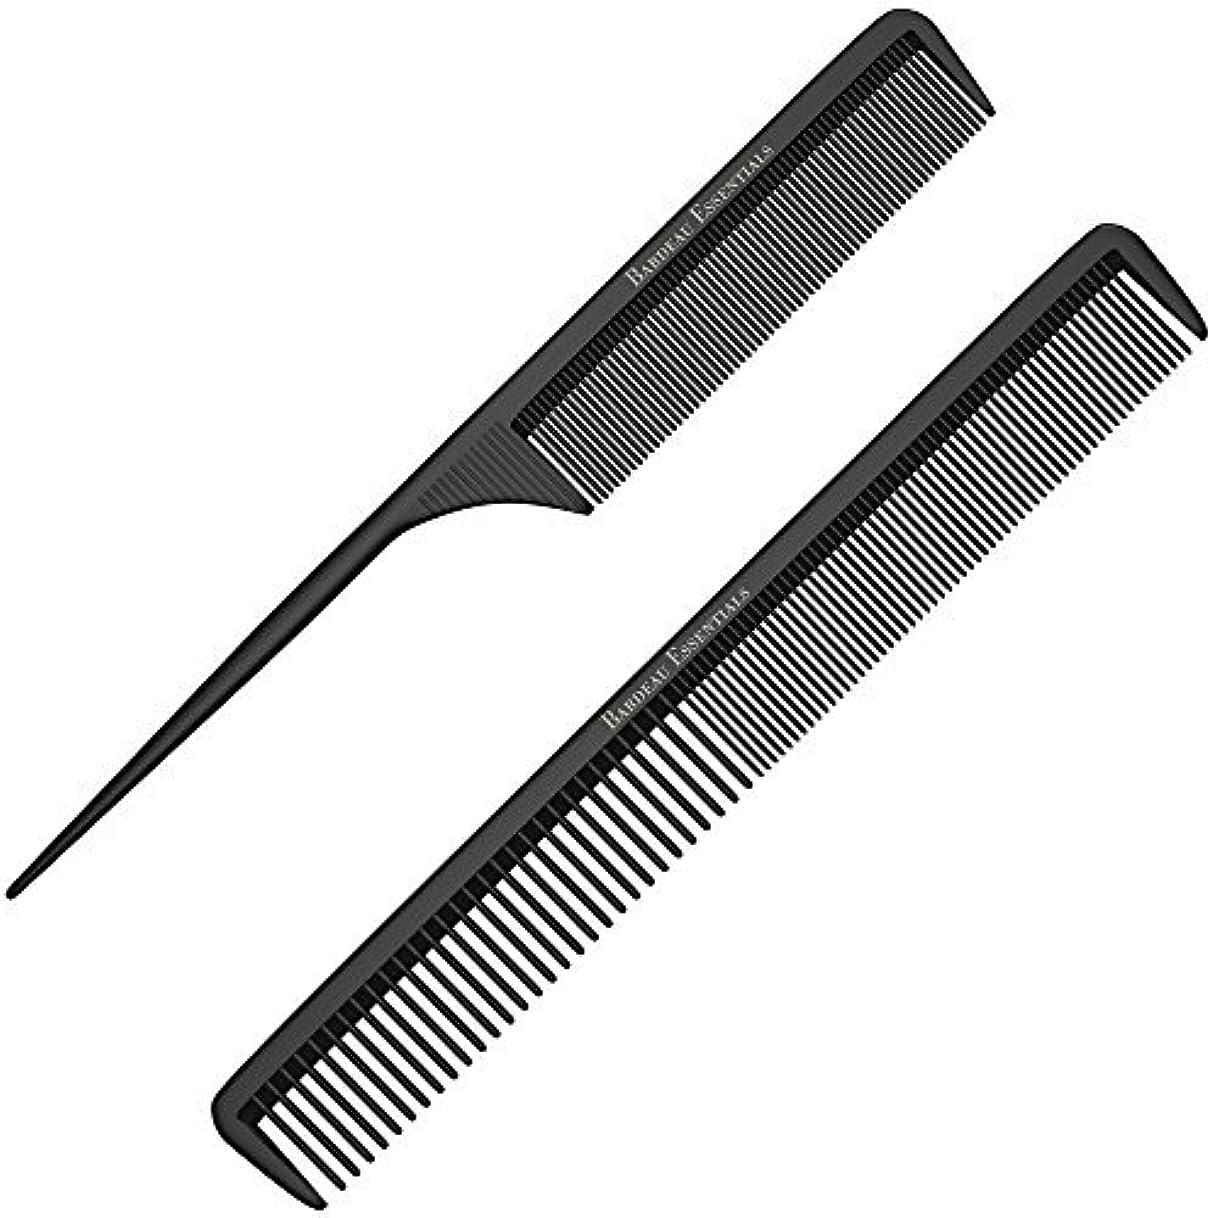 蜜戦う追記Styling Comb and Tail Comb Combo Pack | Professional 8.75  Black Carbon Fiber Anti Static Chemical And Heat Resistant...